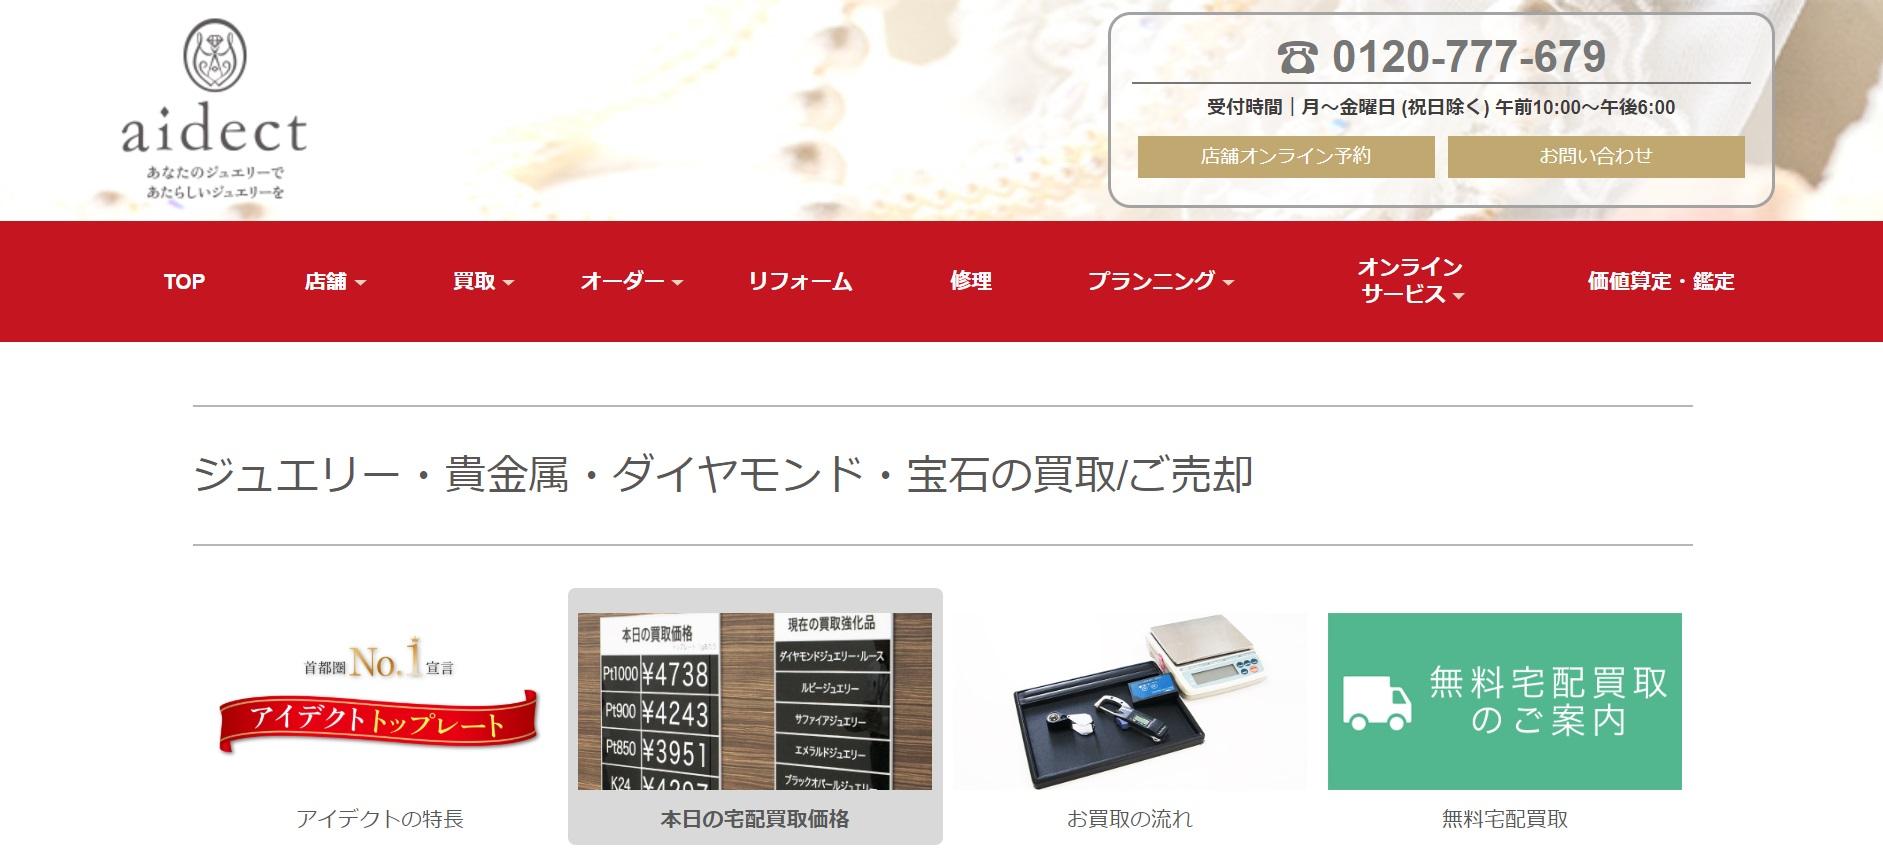 出典:https://www.aidect.jp/service/sell/price.html